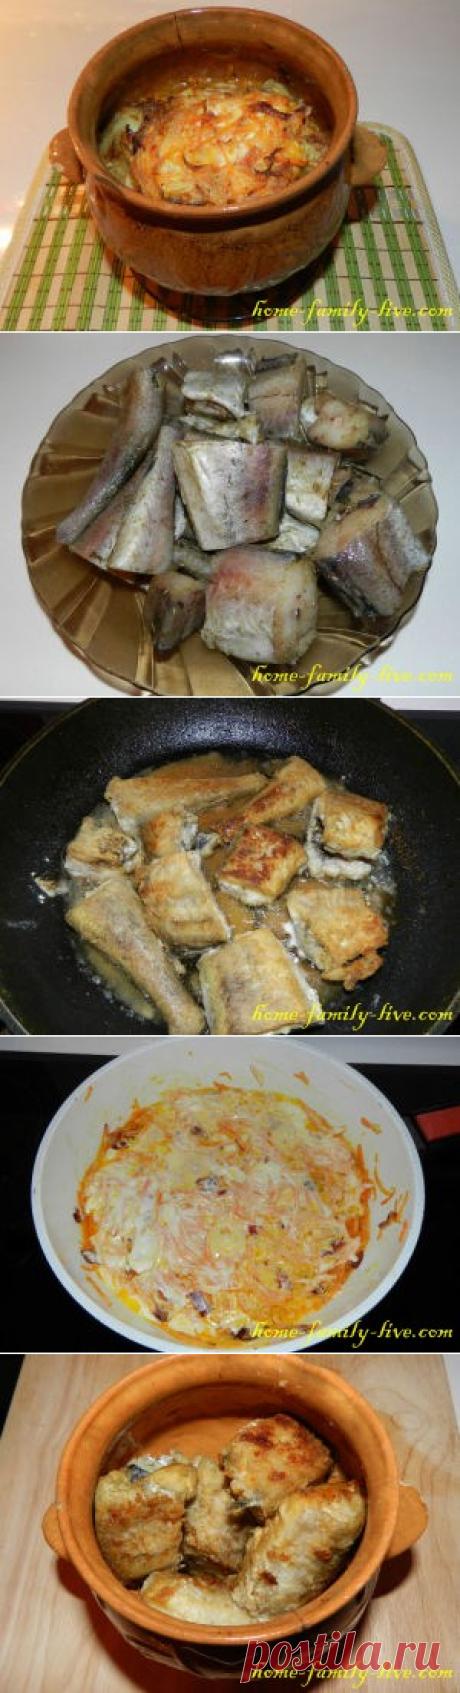 Рыба в горшочке - пошаговый рецепт с фотоКулинарные рецепты